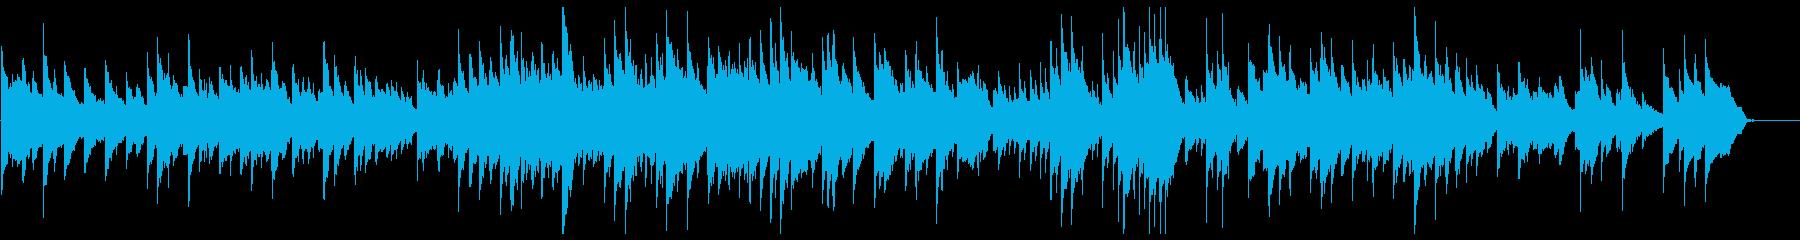 なんとなく明るいピアノ曲 無色の再生済みの波形